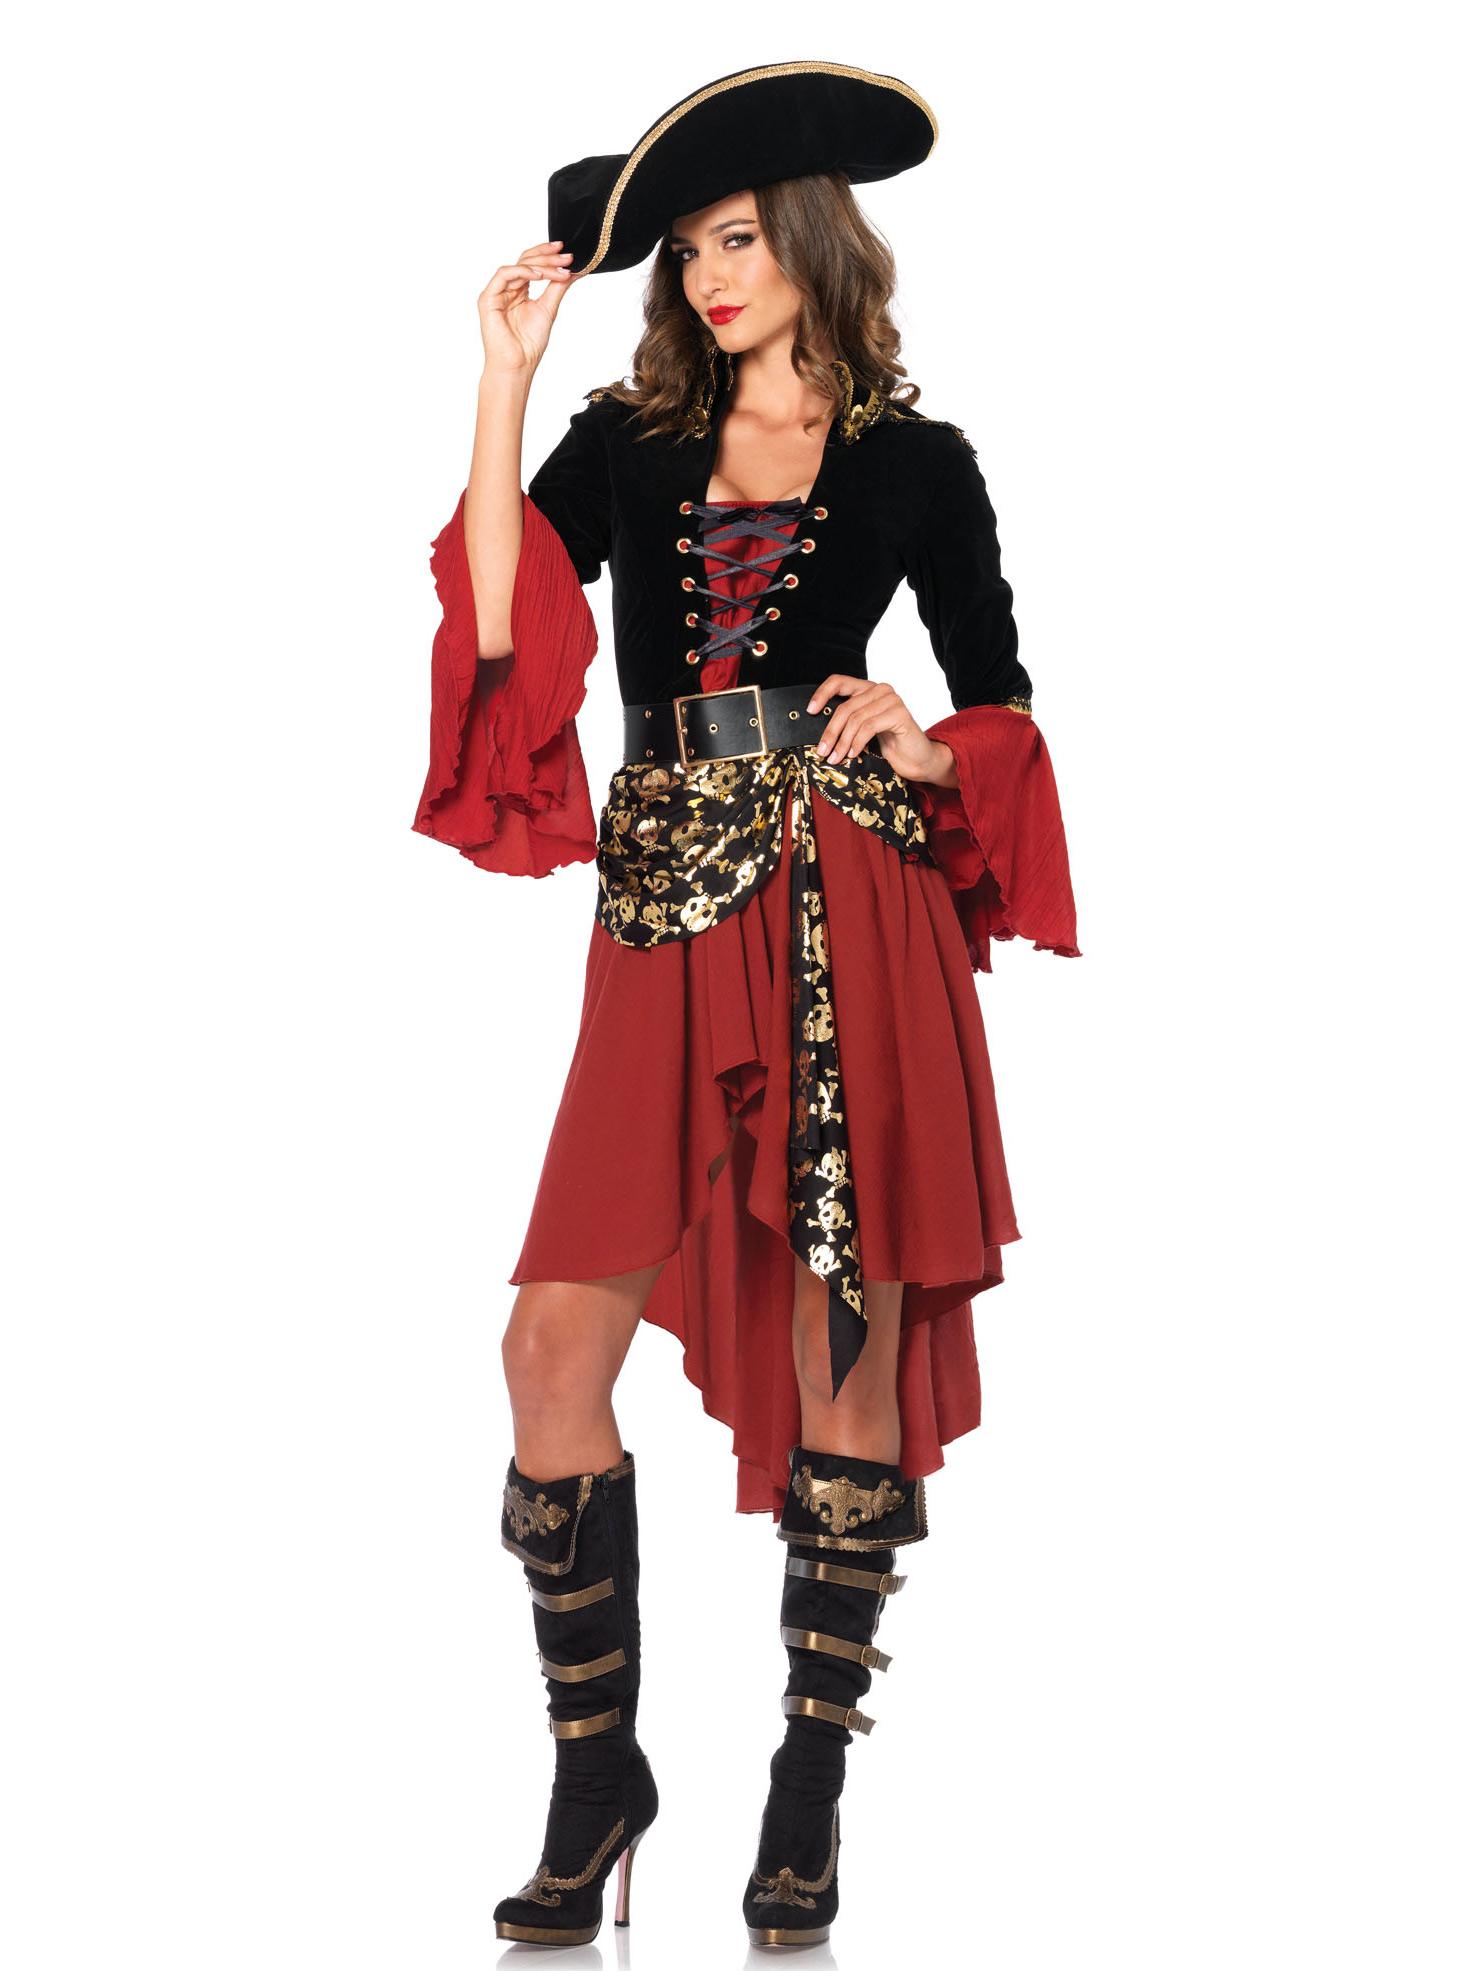 p elegantes piraten kostuem fuer frauen type=product